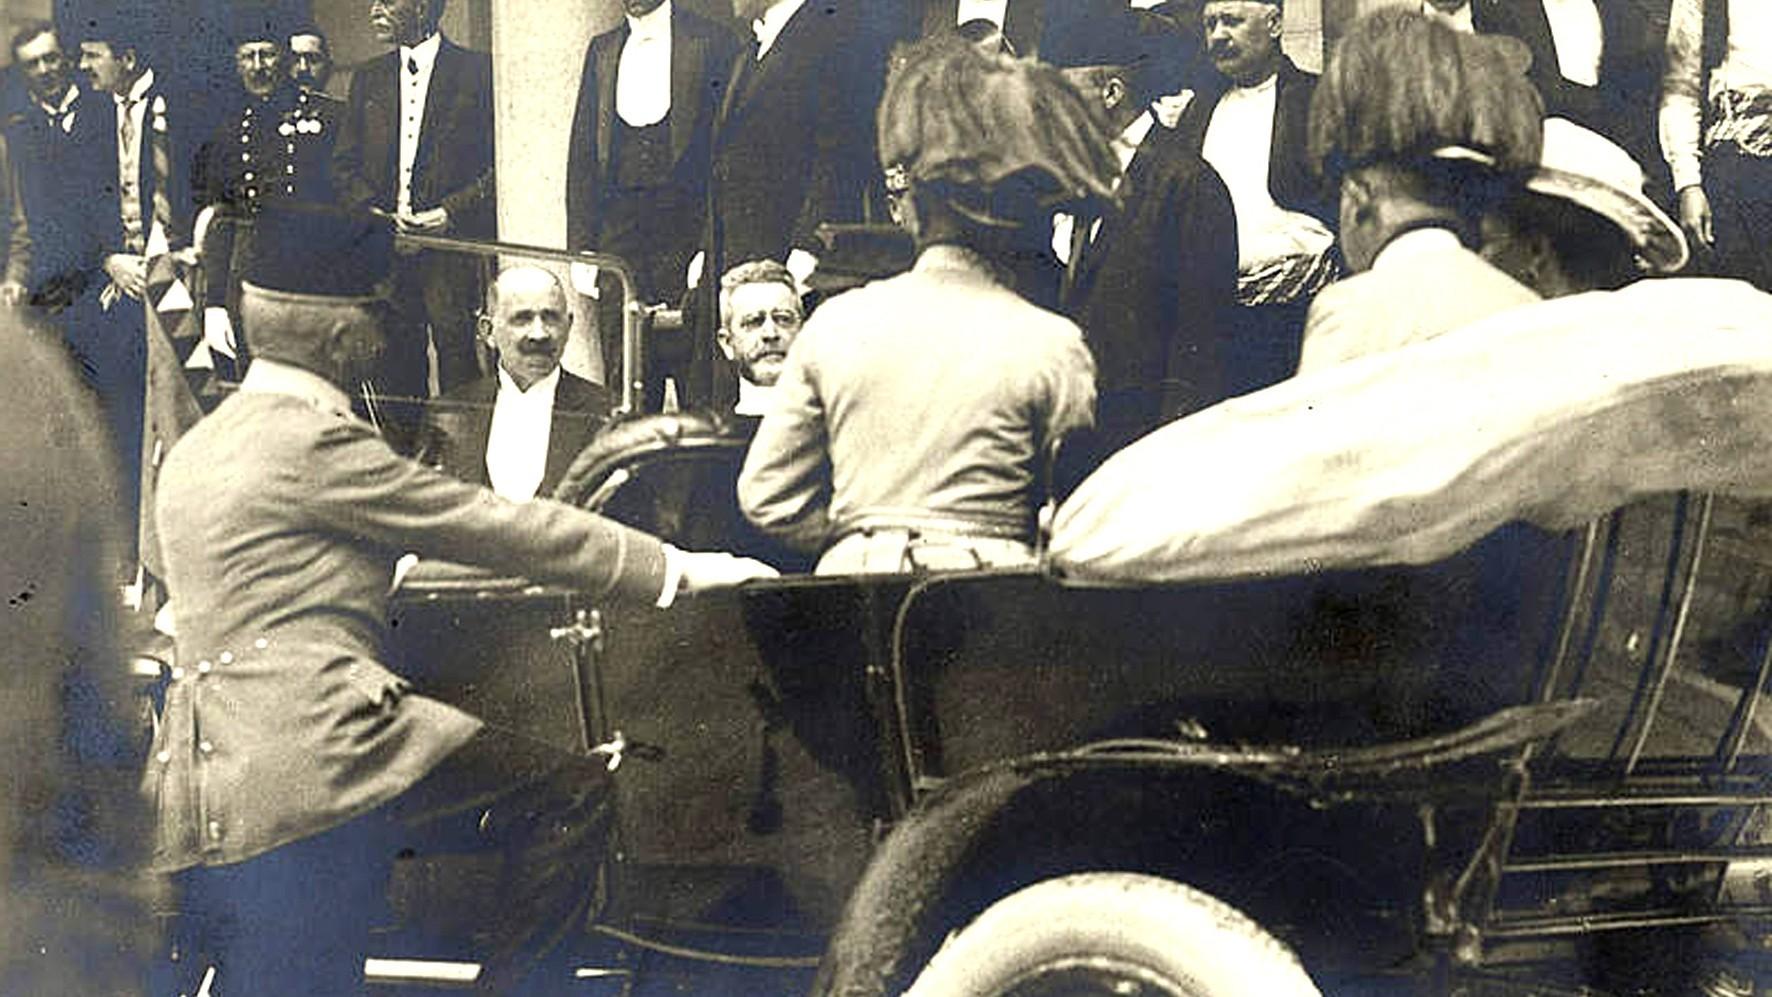 Супружеская чета на заднем сиденье машины, слева у подножки — граф фон Харрах